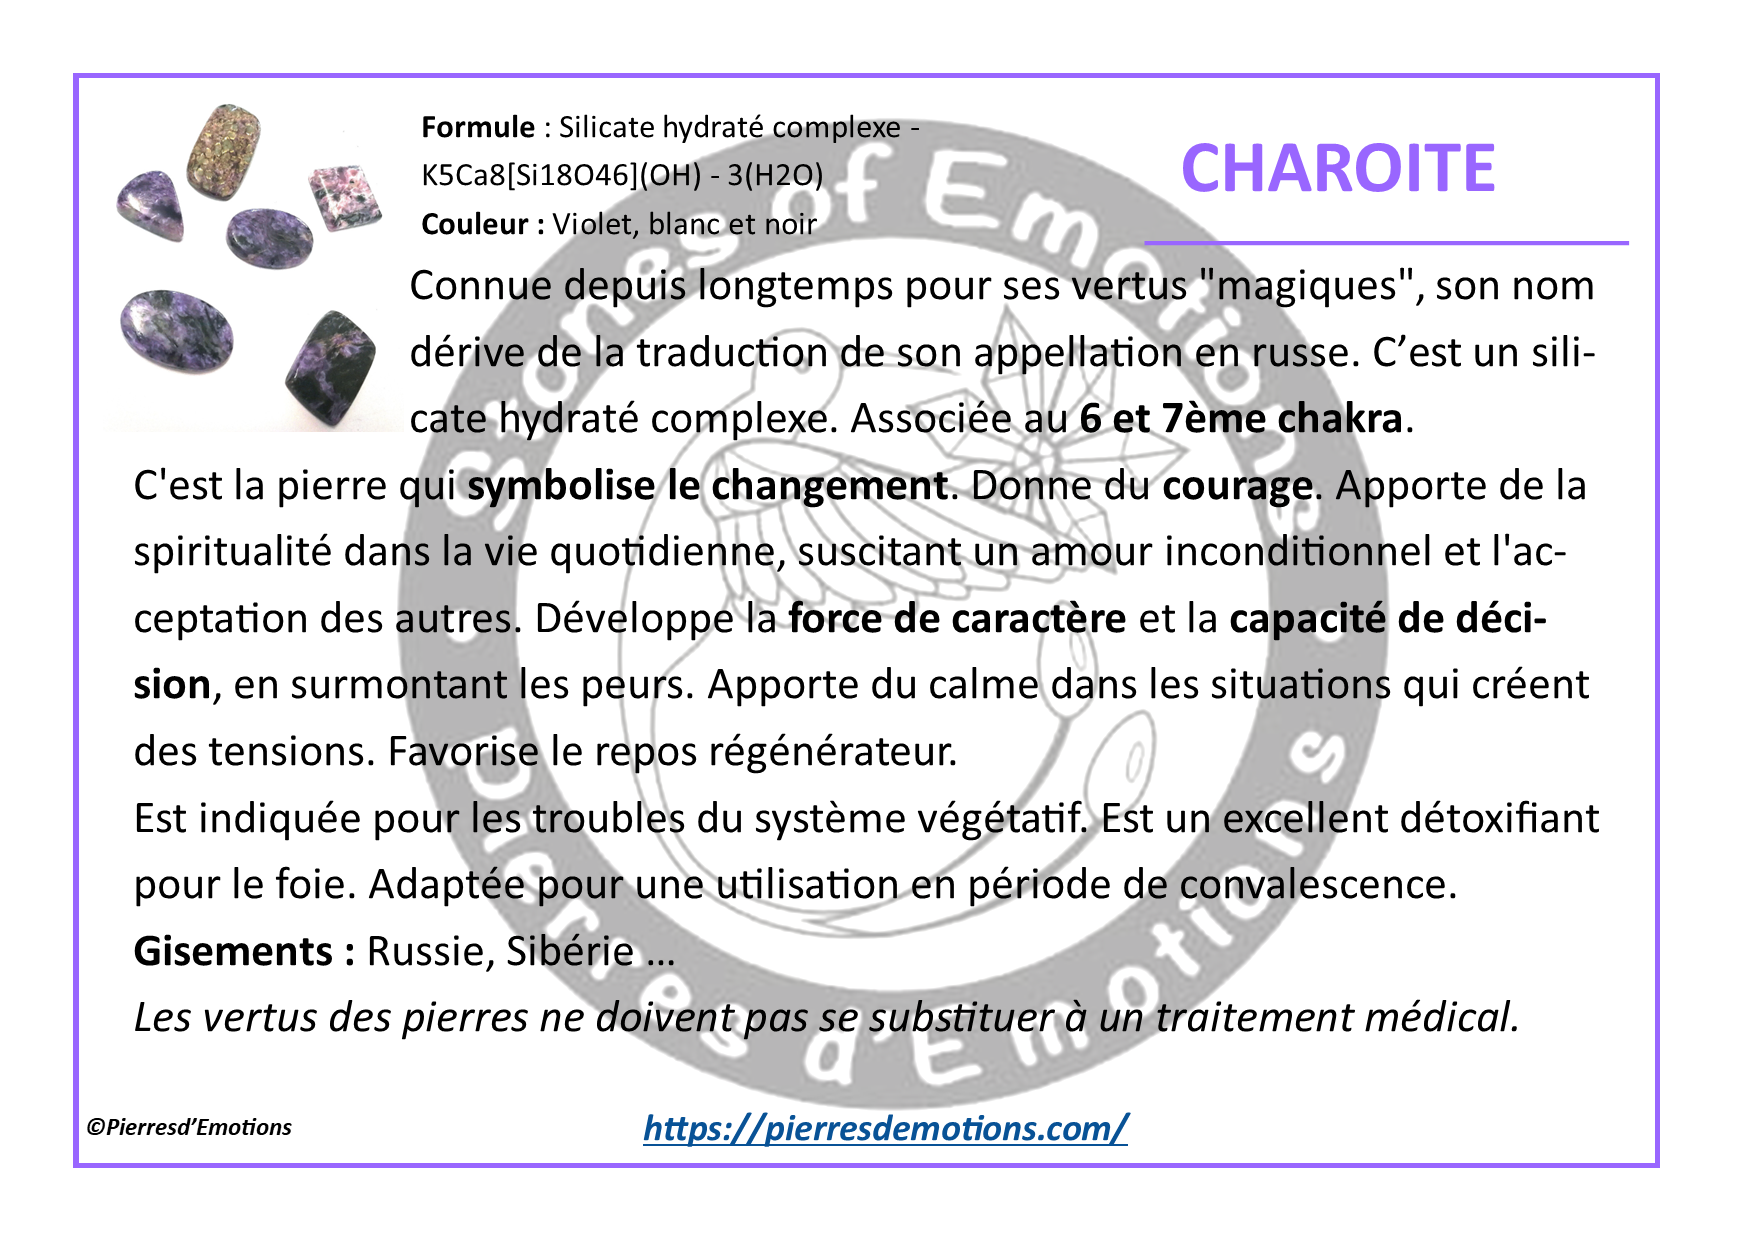 Charoite